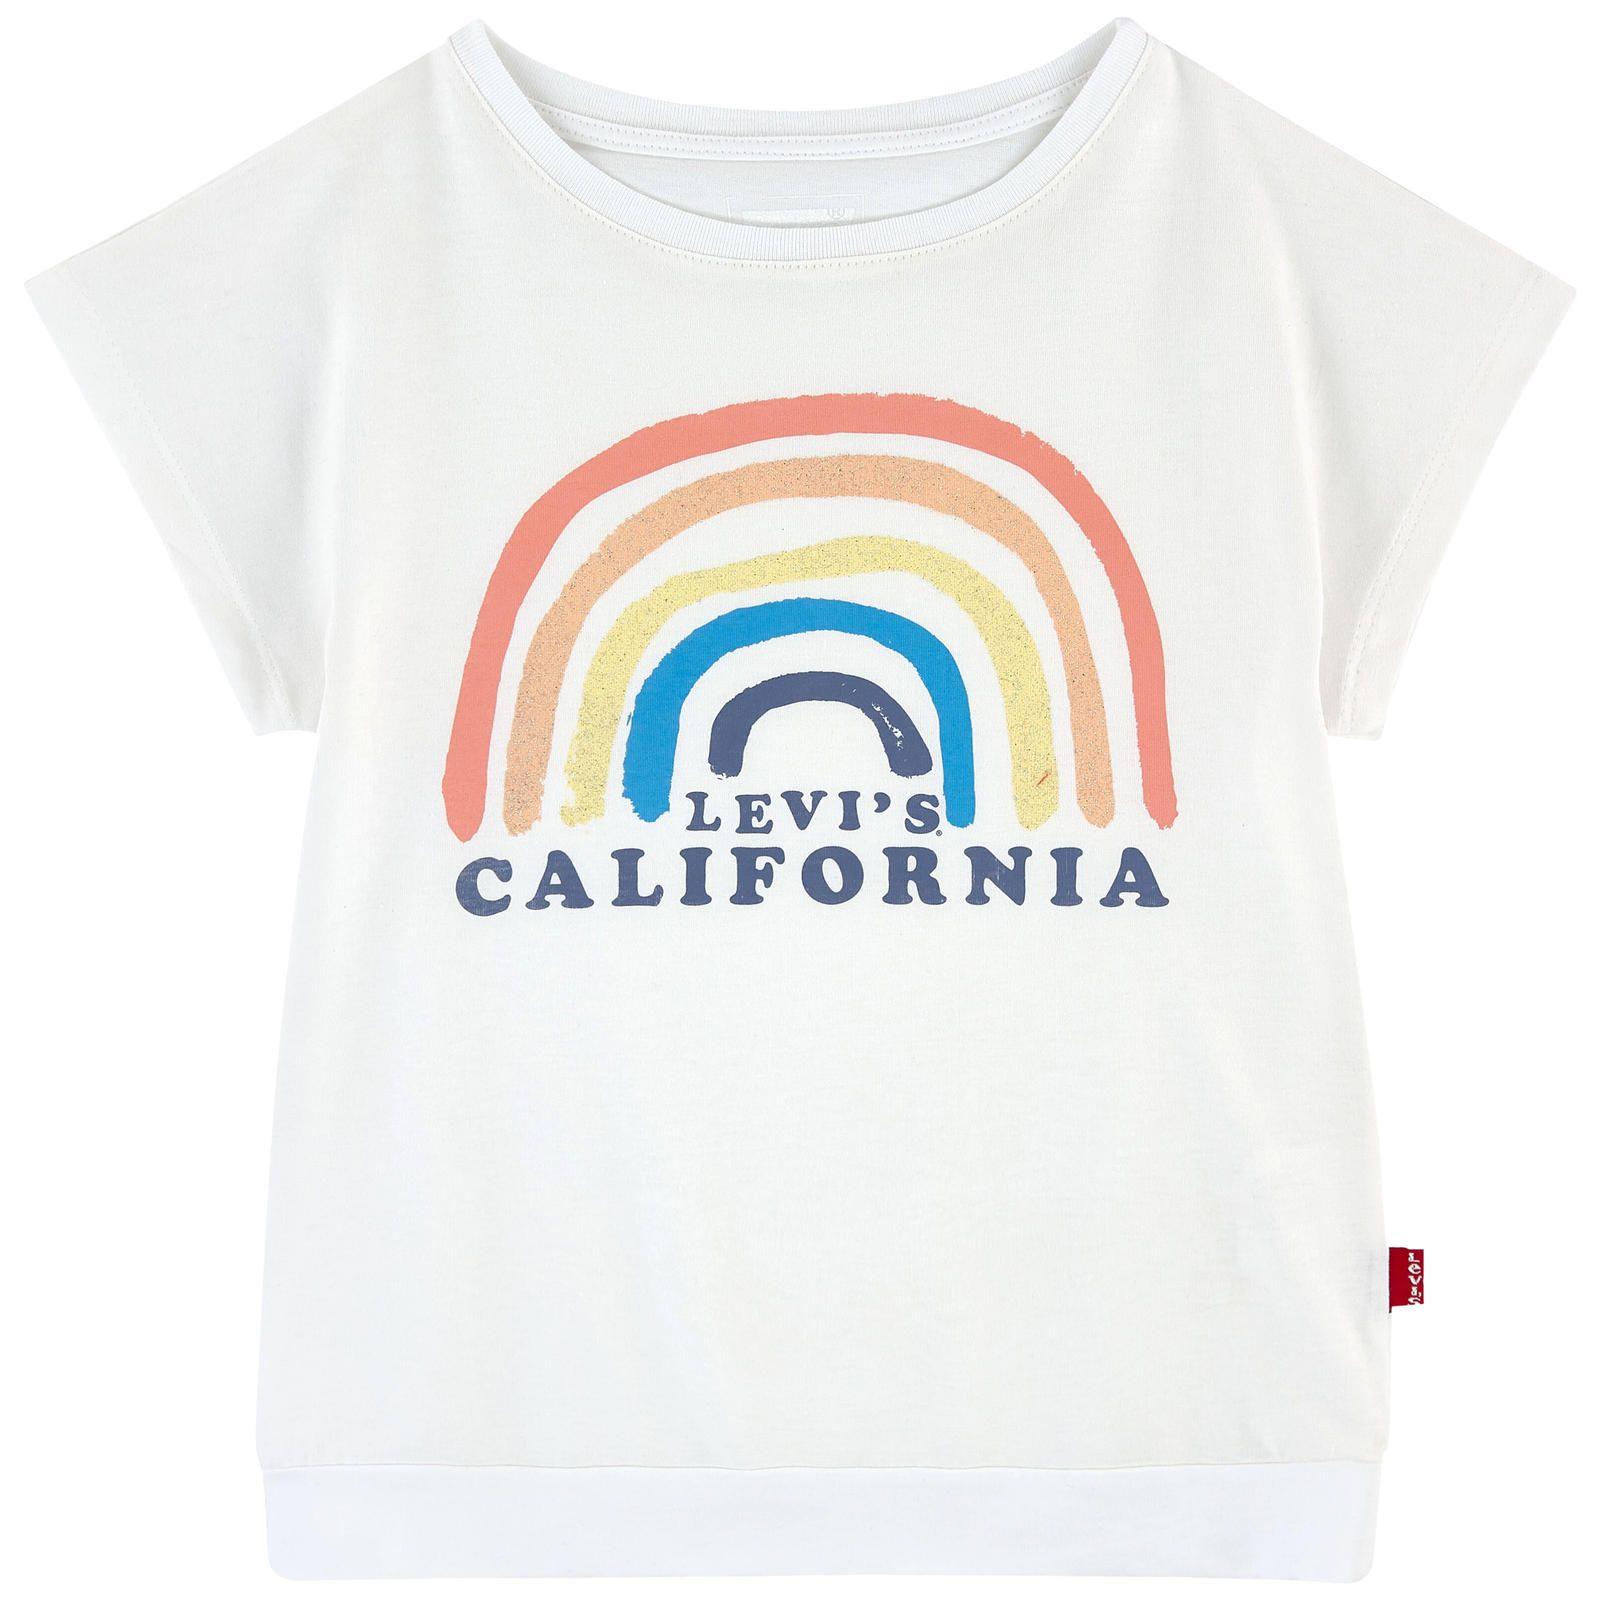 ... T-shirt - 160361. Jersey en coton Agréable au toucher Col rond Col  large Bords côtes stretch Manches courtes Base resserrée Sérigraphie  fantaisie devant ... a9085ef38e7b